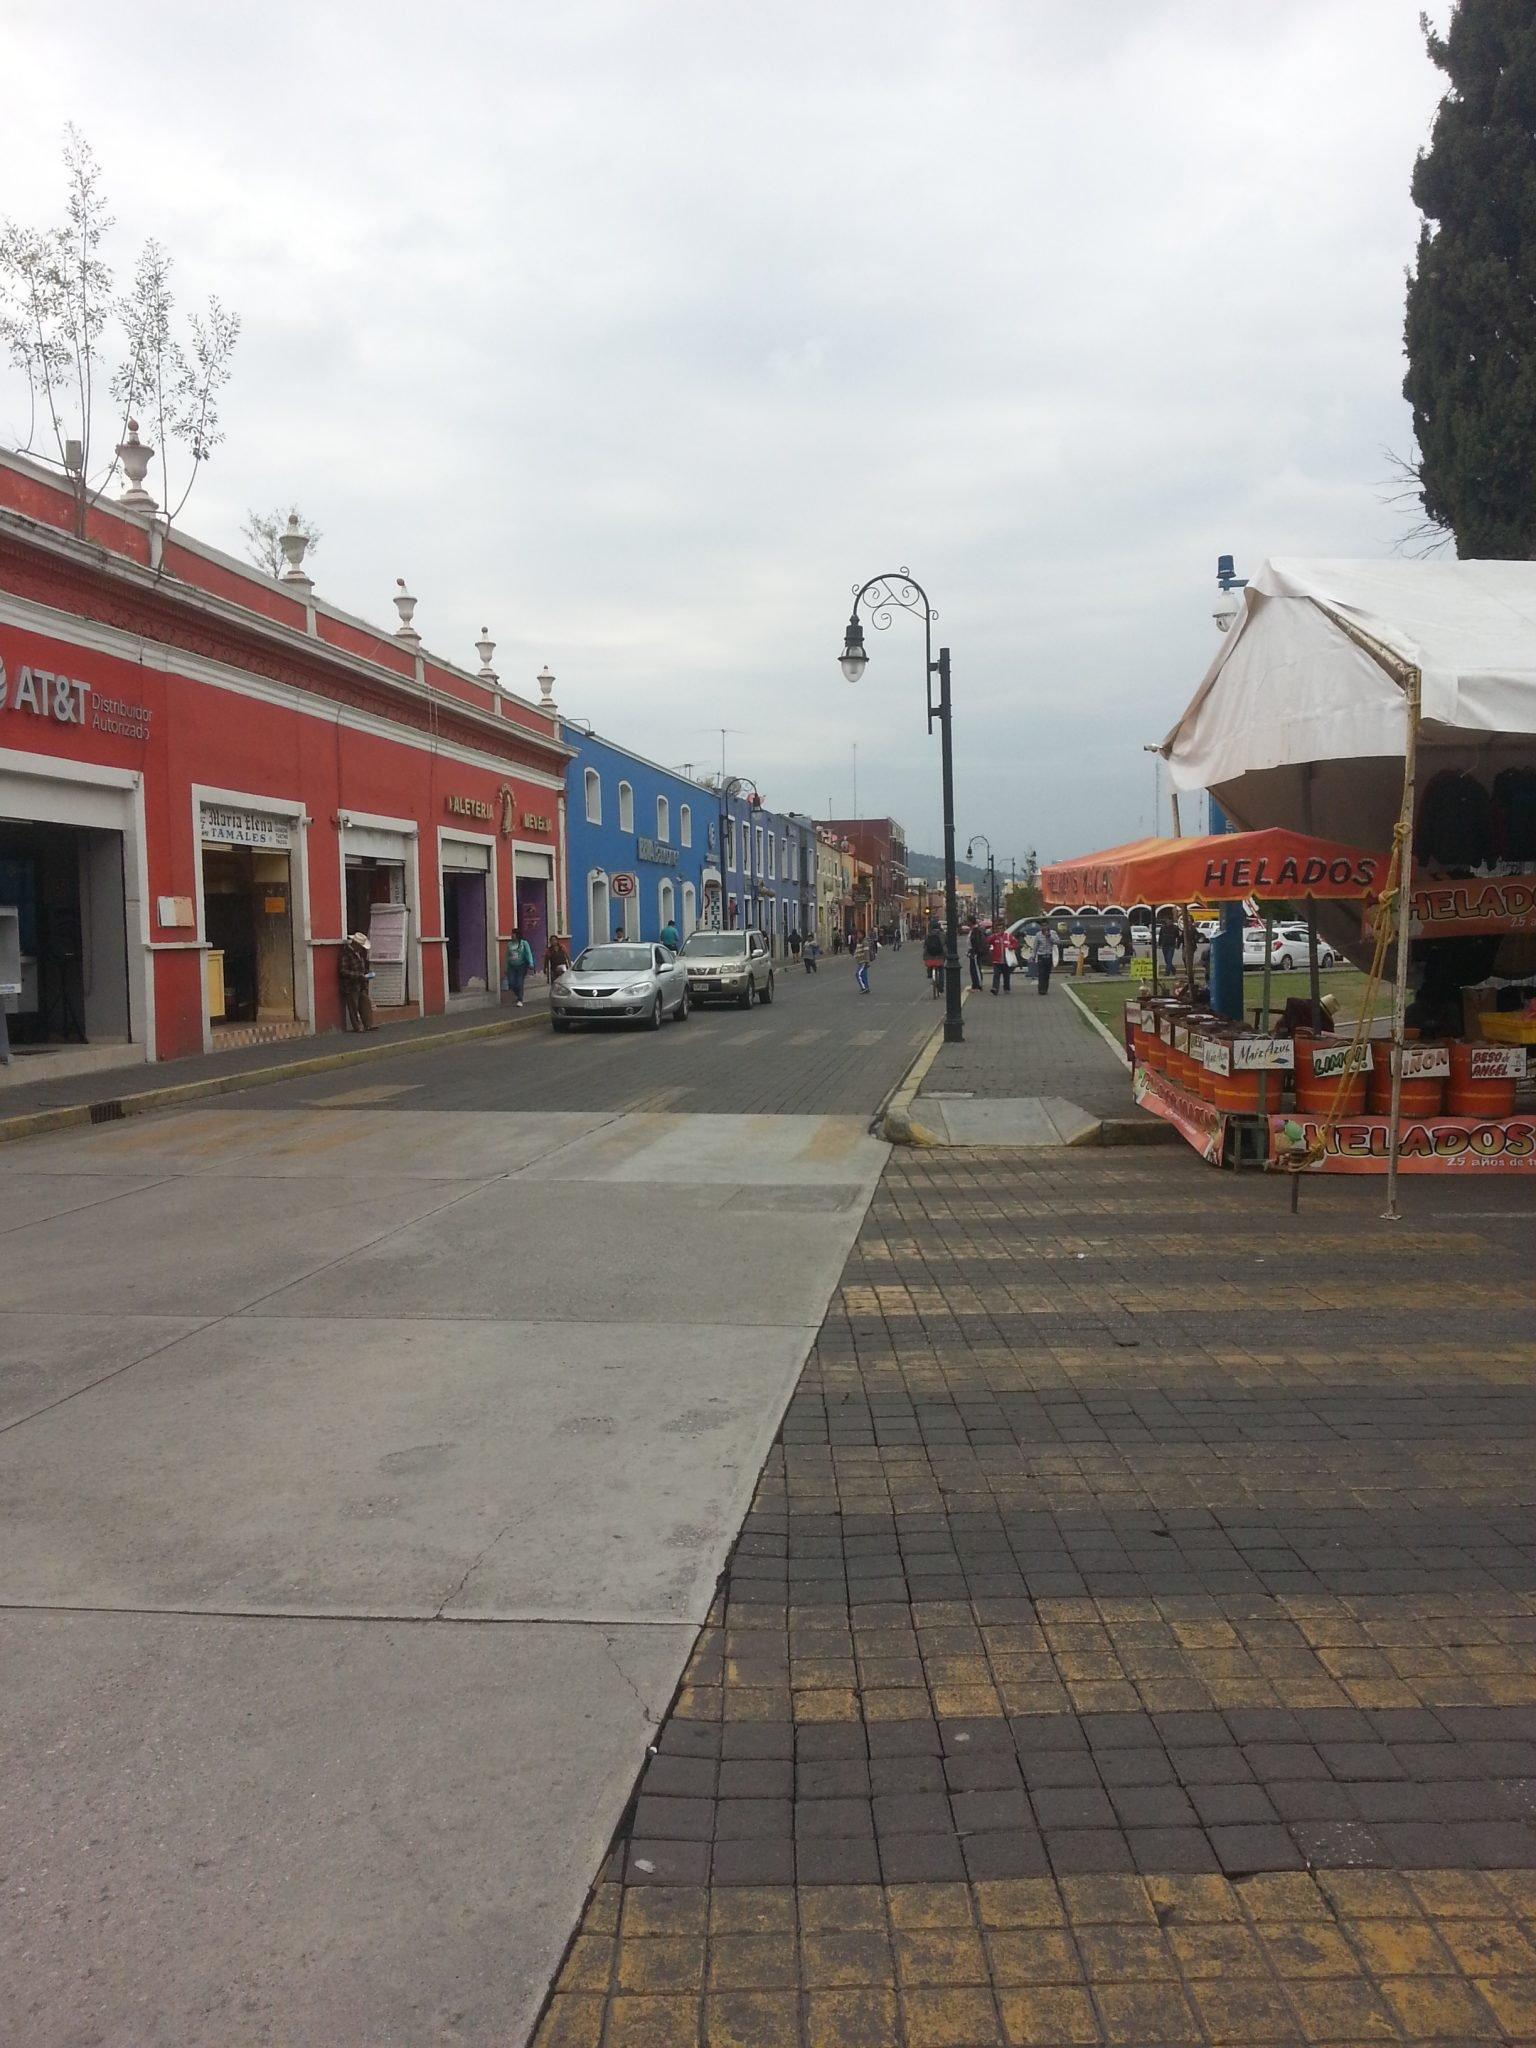 Jak znalazłam się w Meksyku?